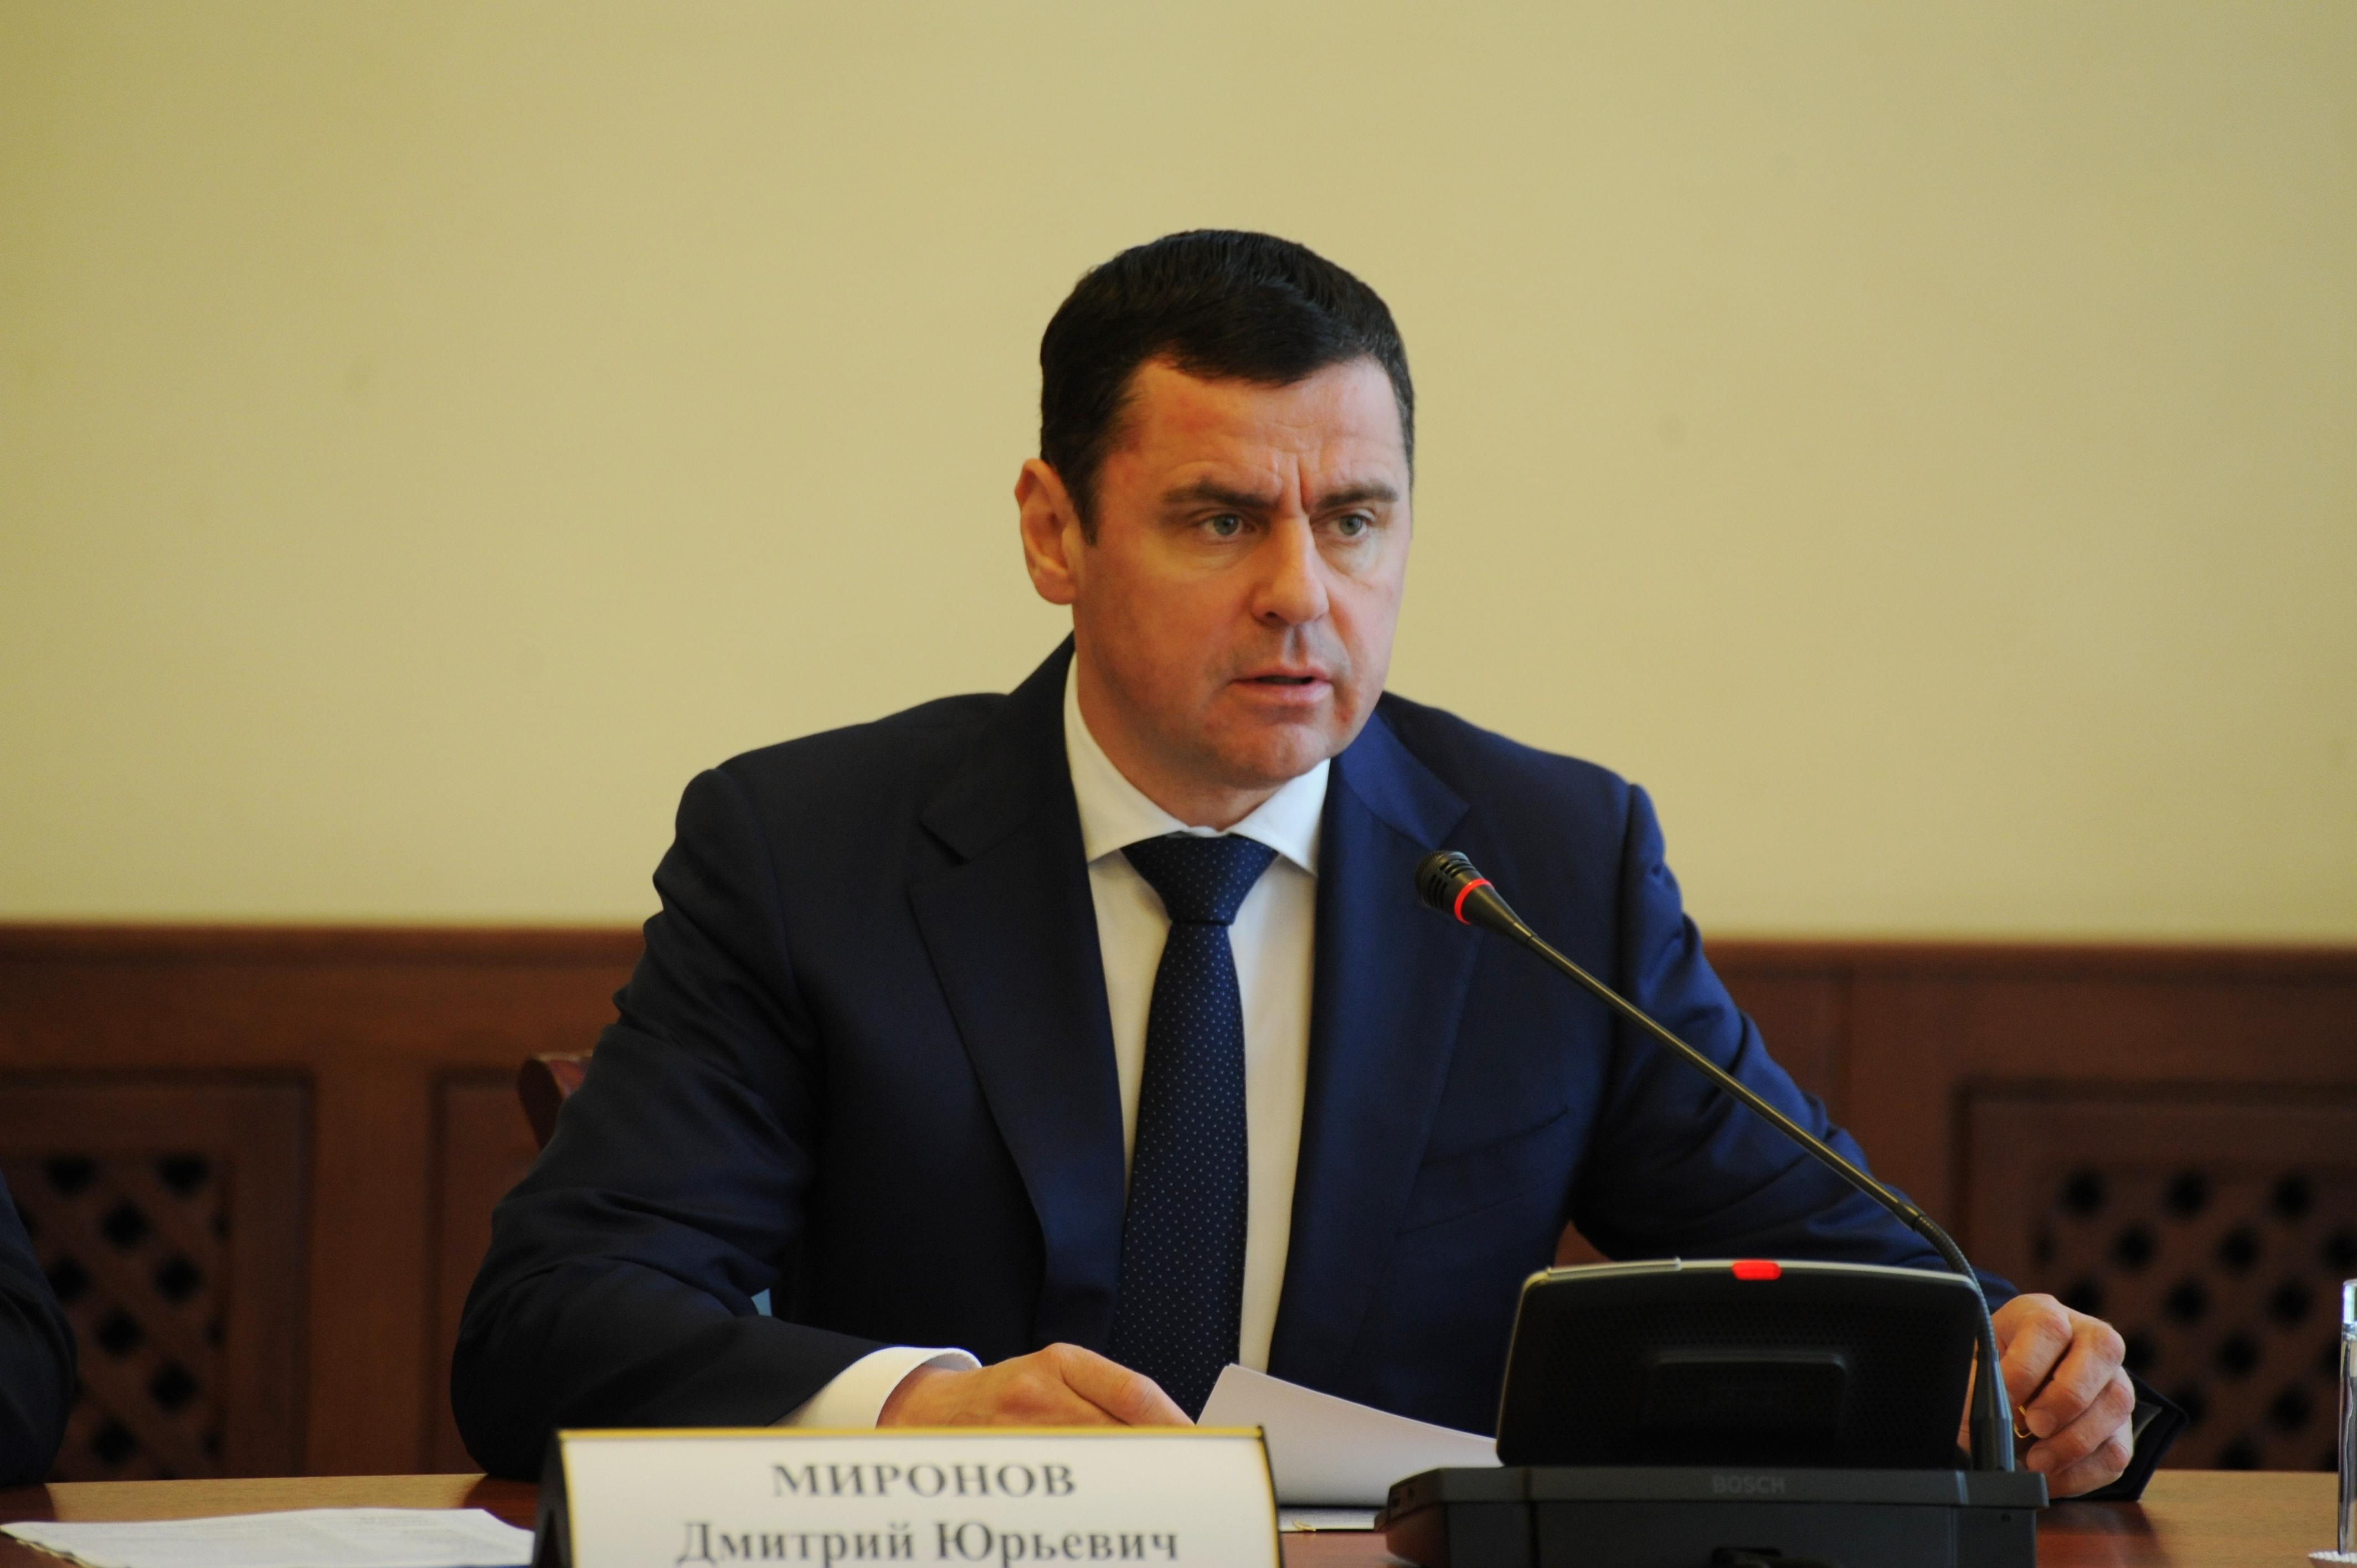 Дмитрий Миронов: «Наша цель – вывести Ярославскую область на современный высокий уровень корпоративной культуры»